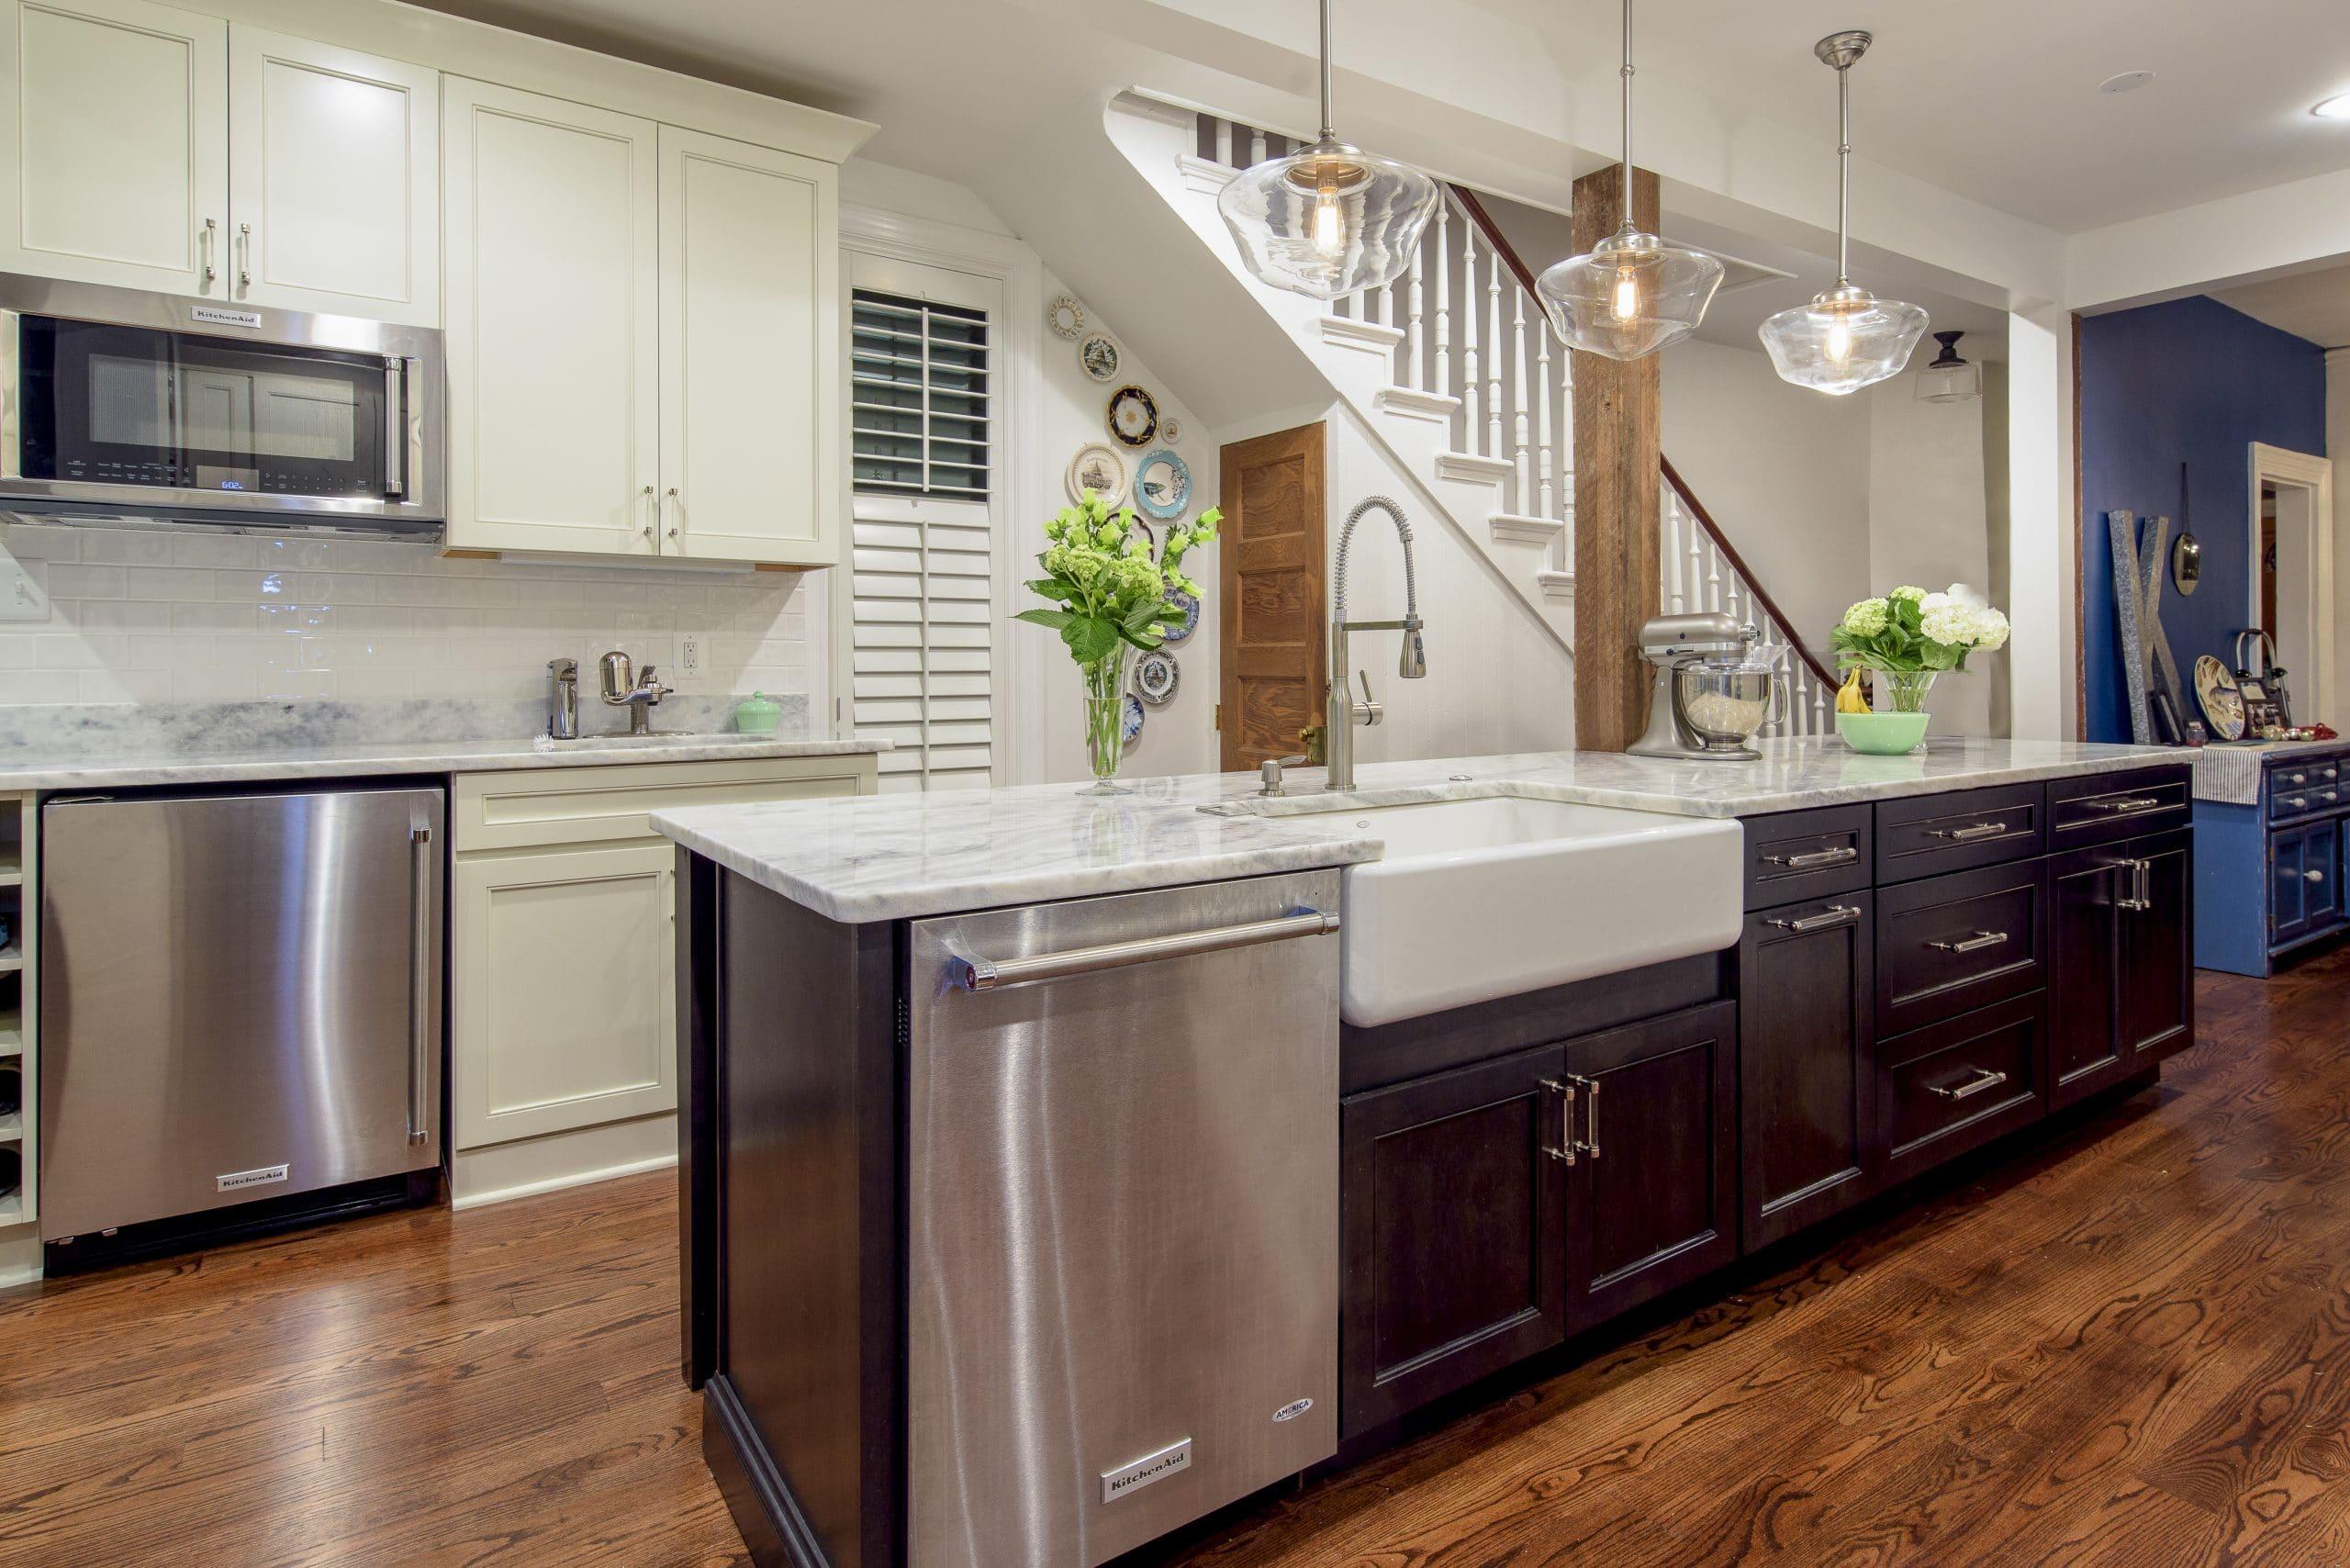 Kitchen Remodel - Modern Designs